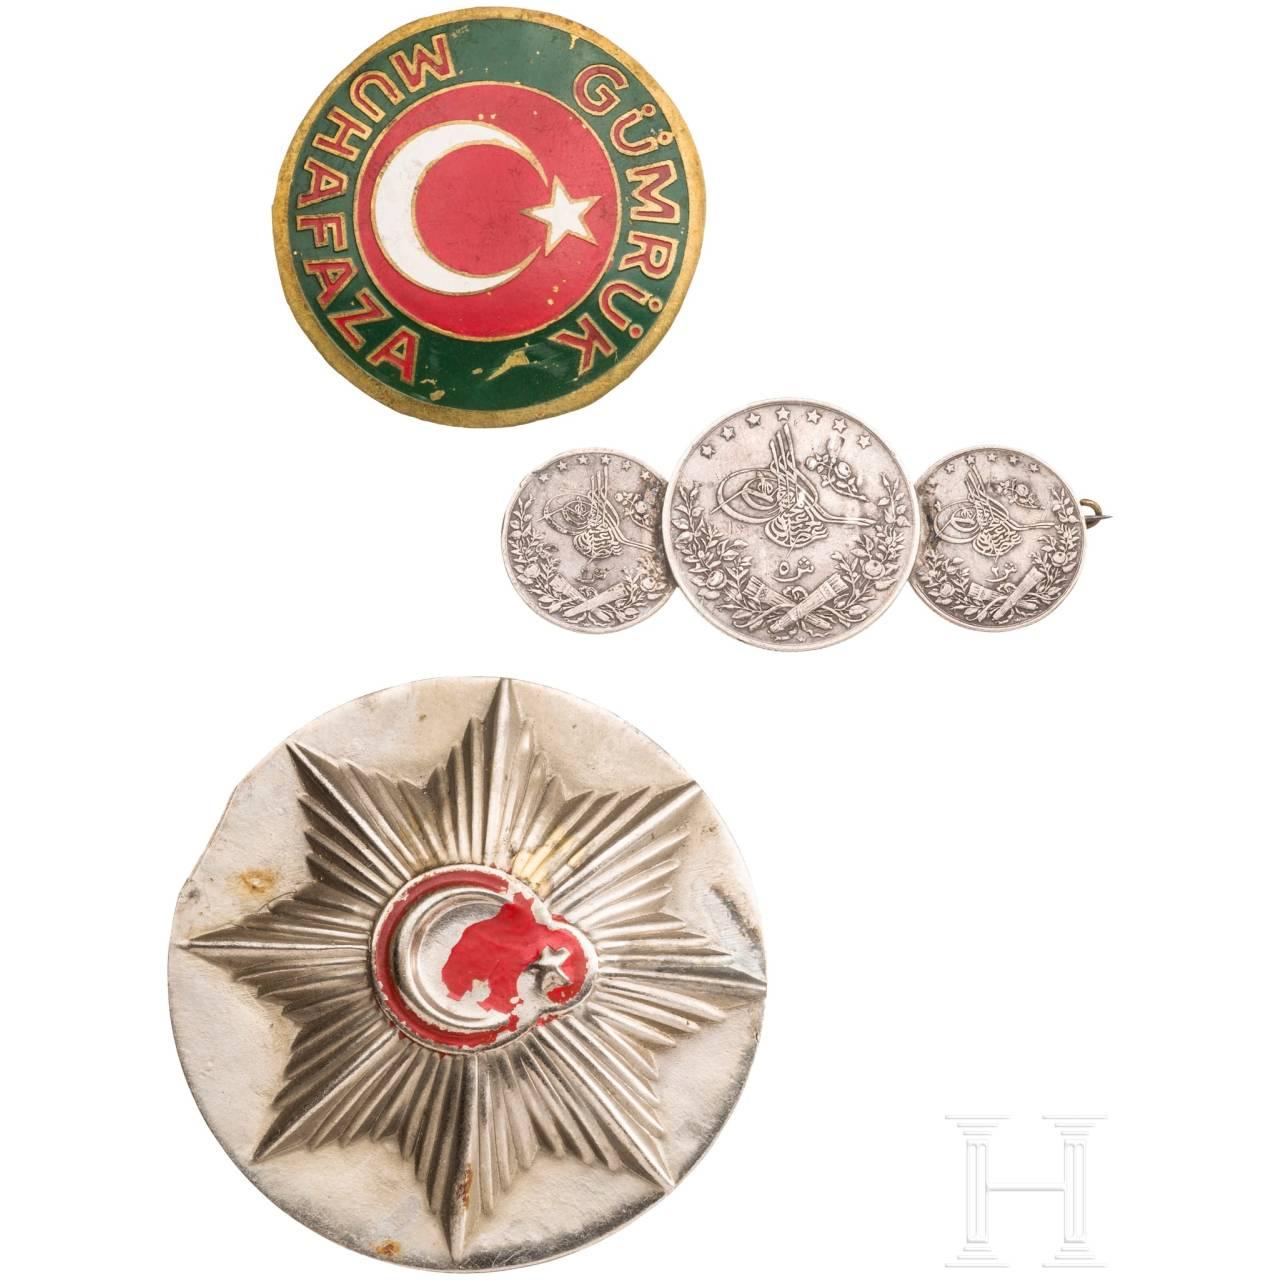 Drei Silbermedaillen 1875, Polizeistern und Zollabzeichen, Türkei